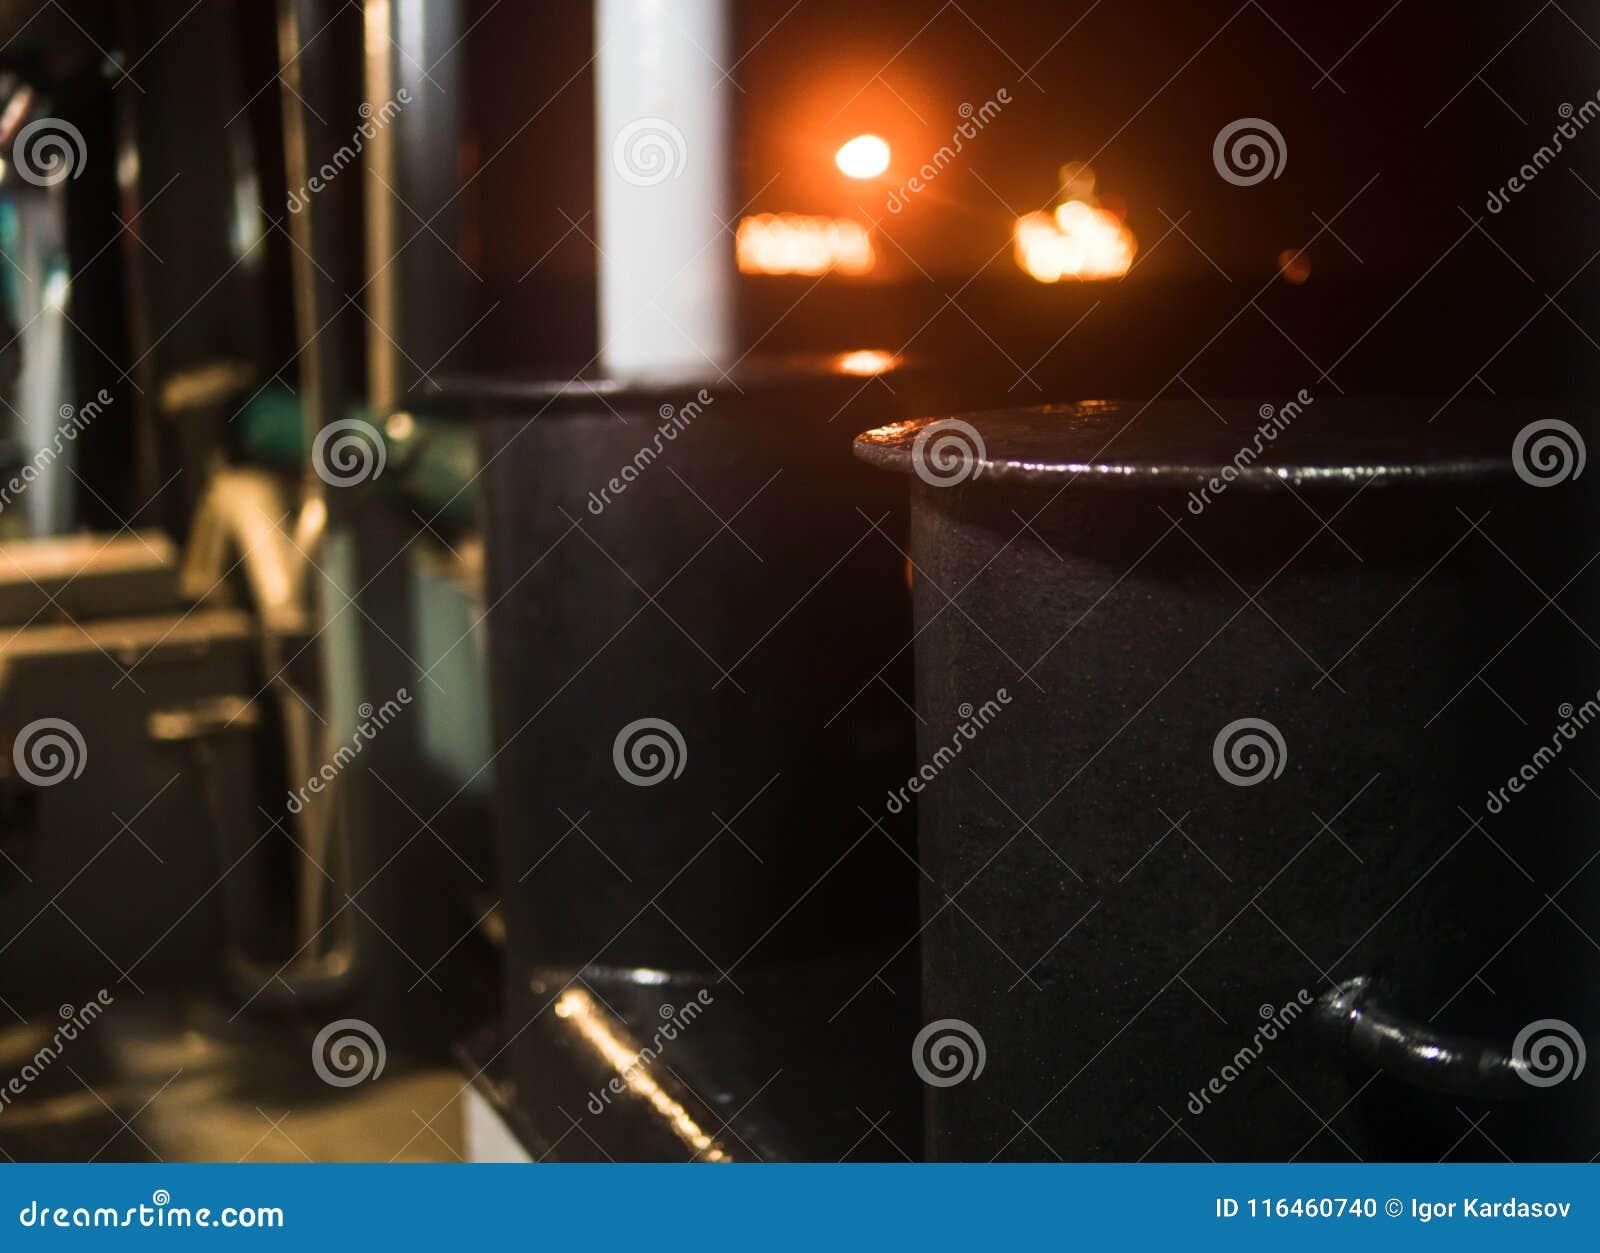 Borne métallique d amarrage par nuit à bord de navire